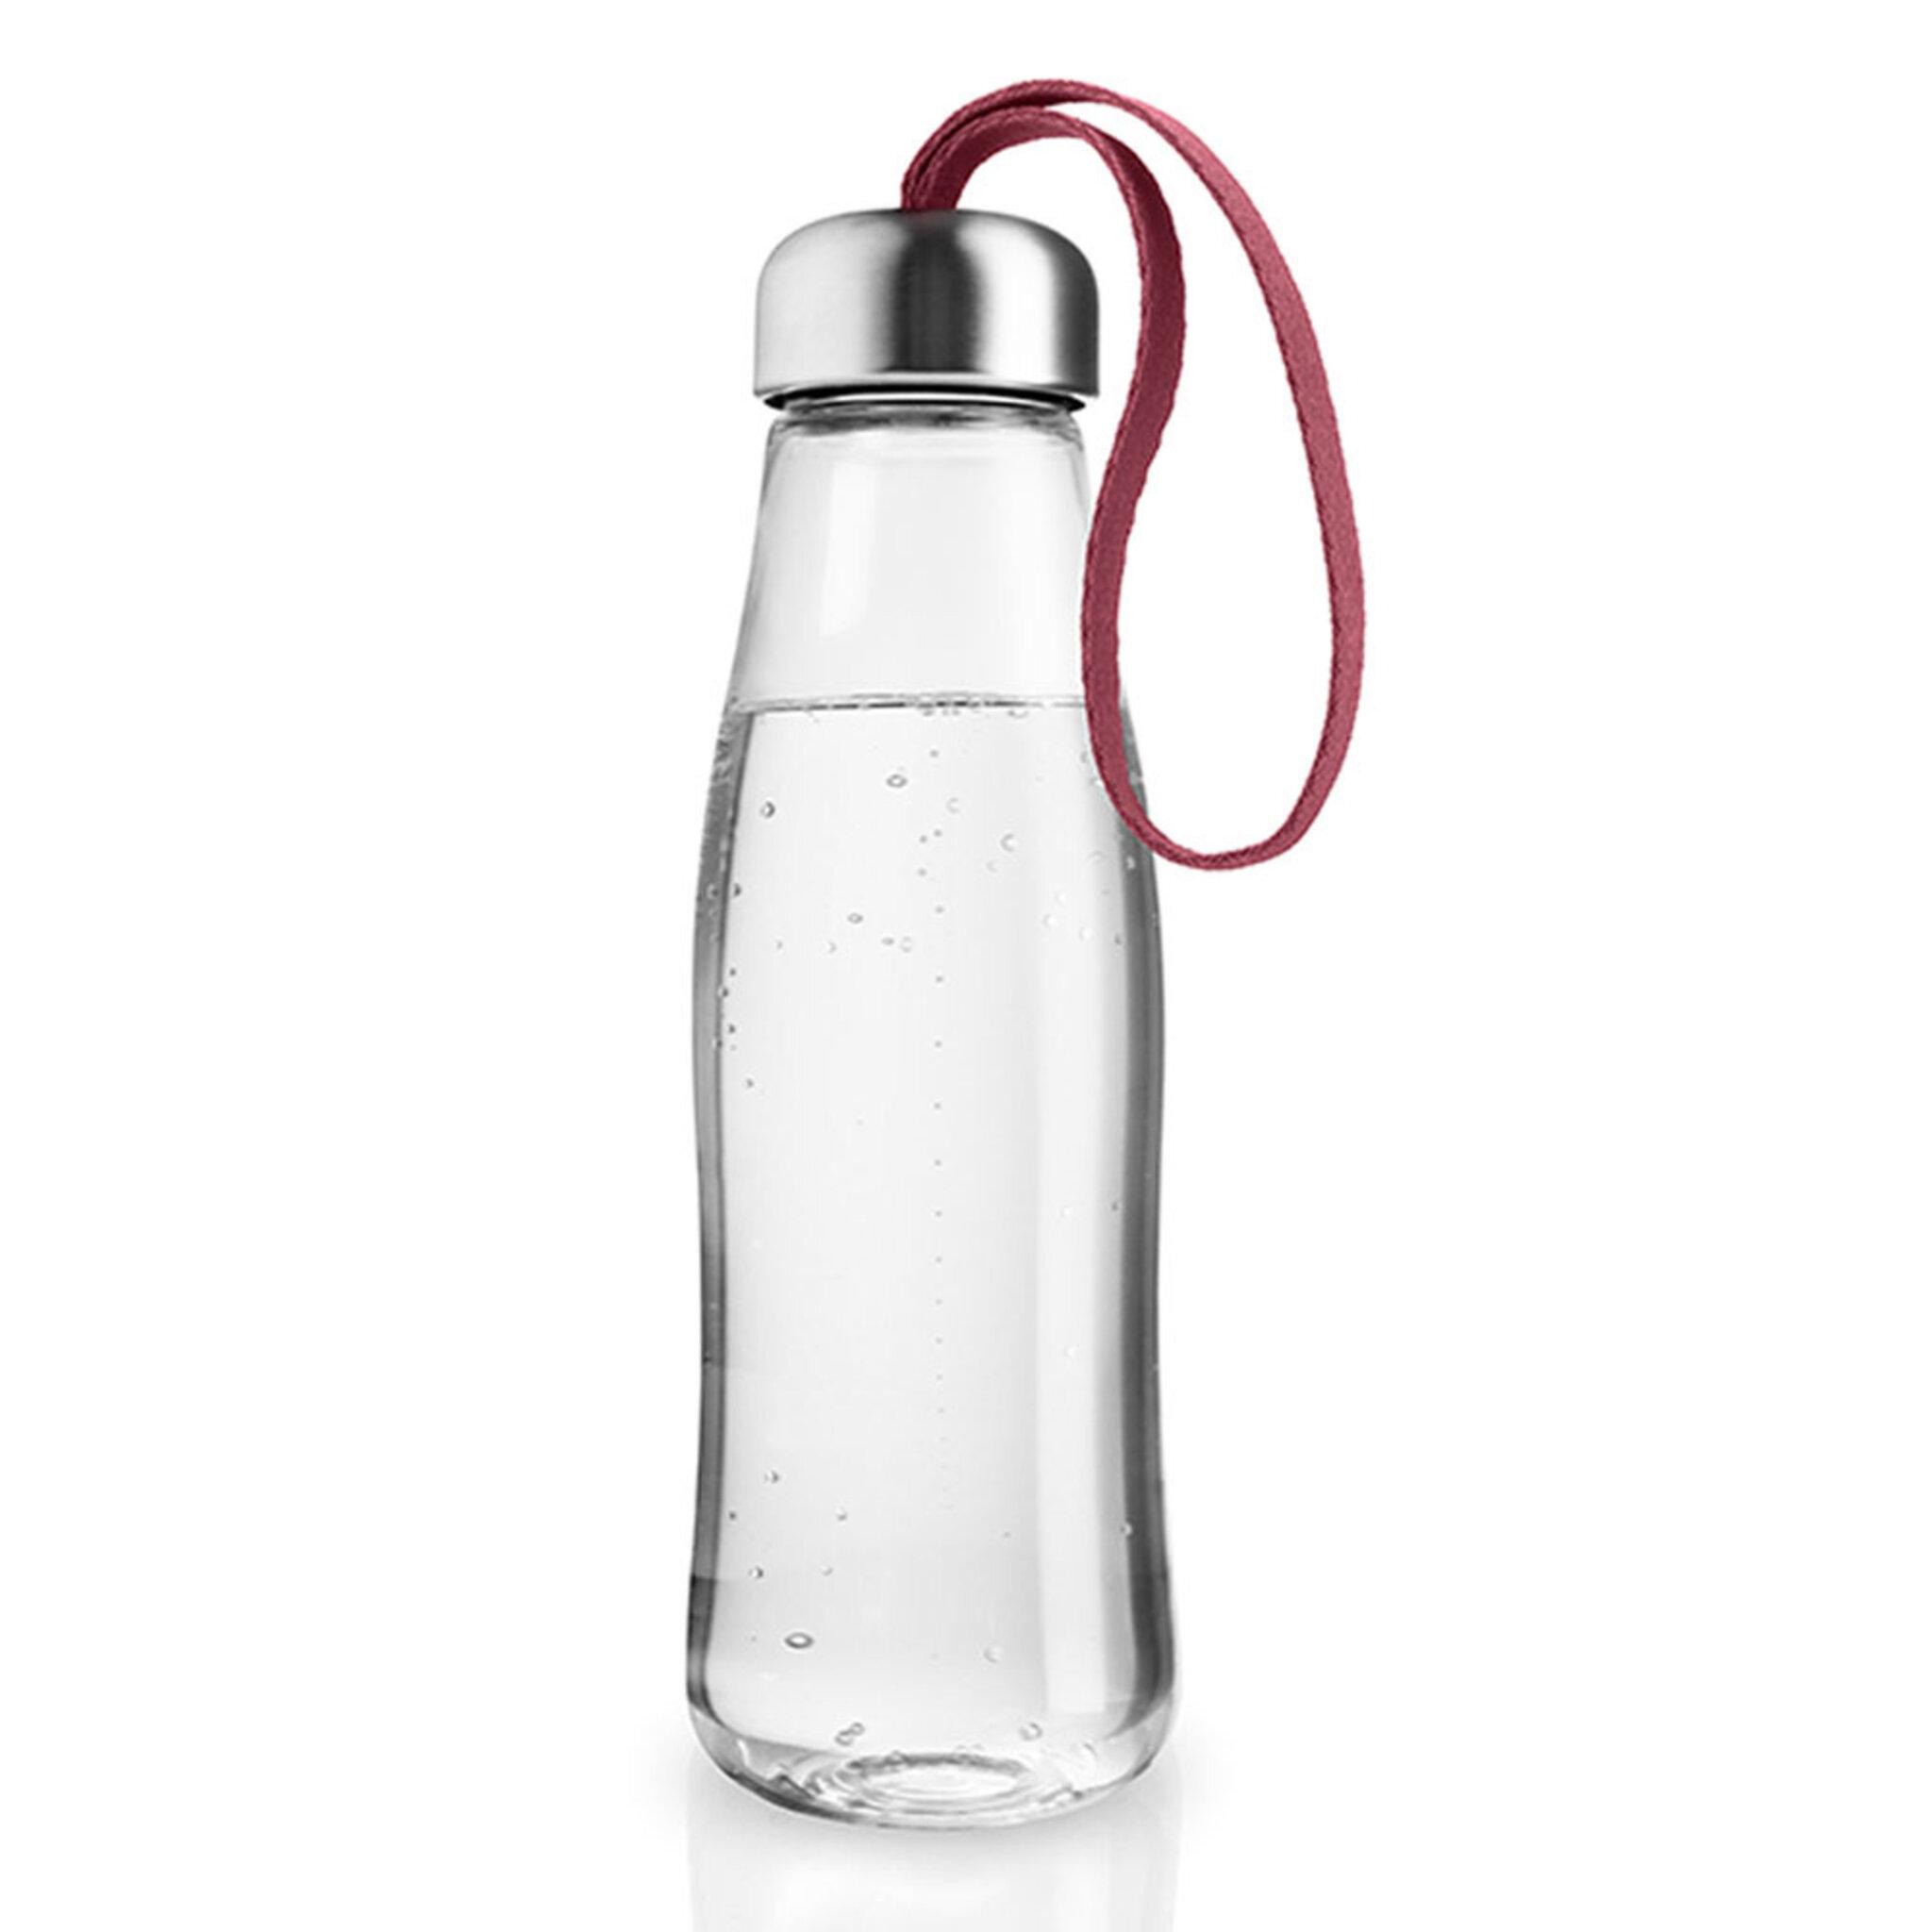 Drickflaska glas 05 l 05L